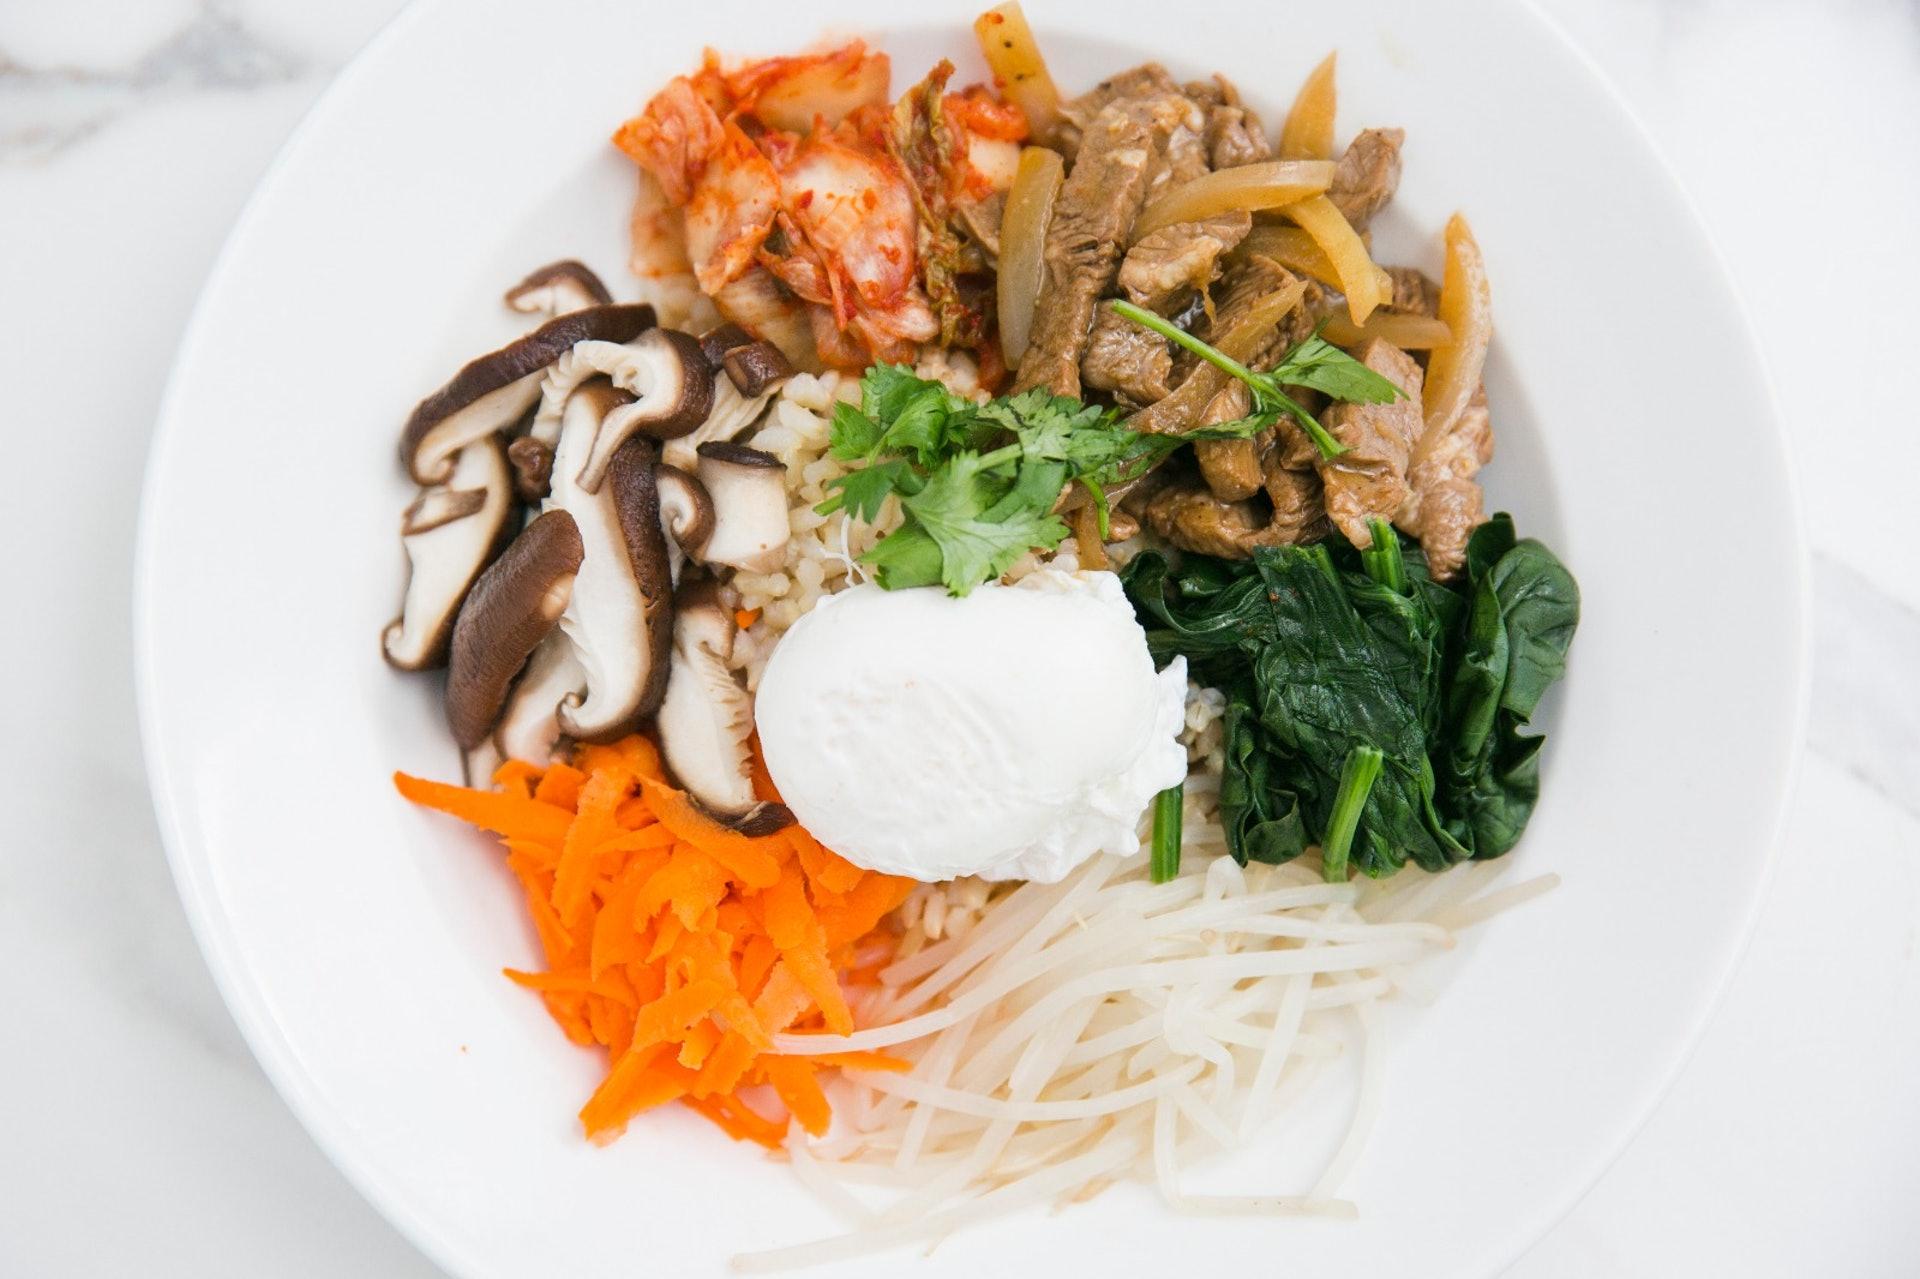 生酮飲食法每天熱量來源應有75-80%來自脂肪,15-20%來自蛋白質,不多於5%來自碳水化合物。﹙黃寶瑩攝﹚